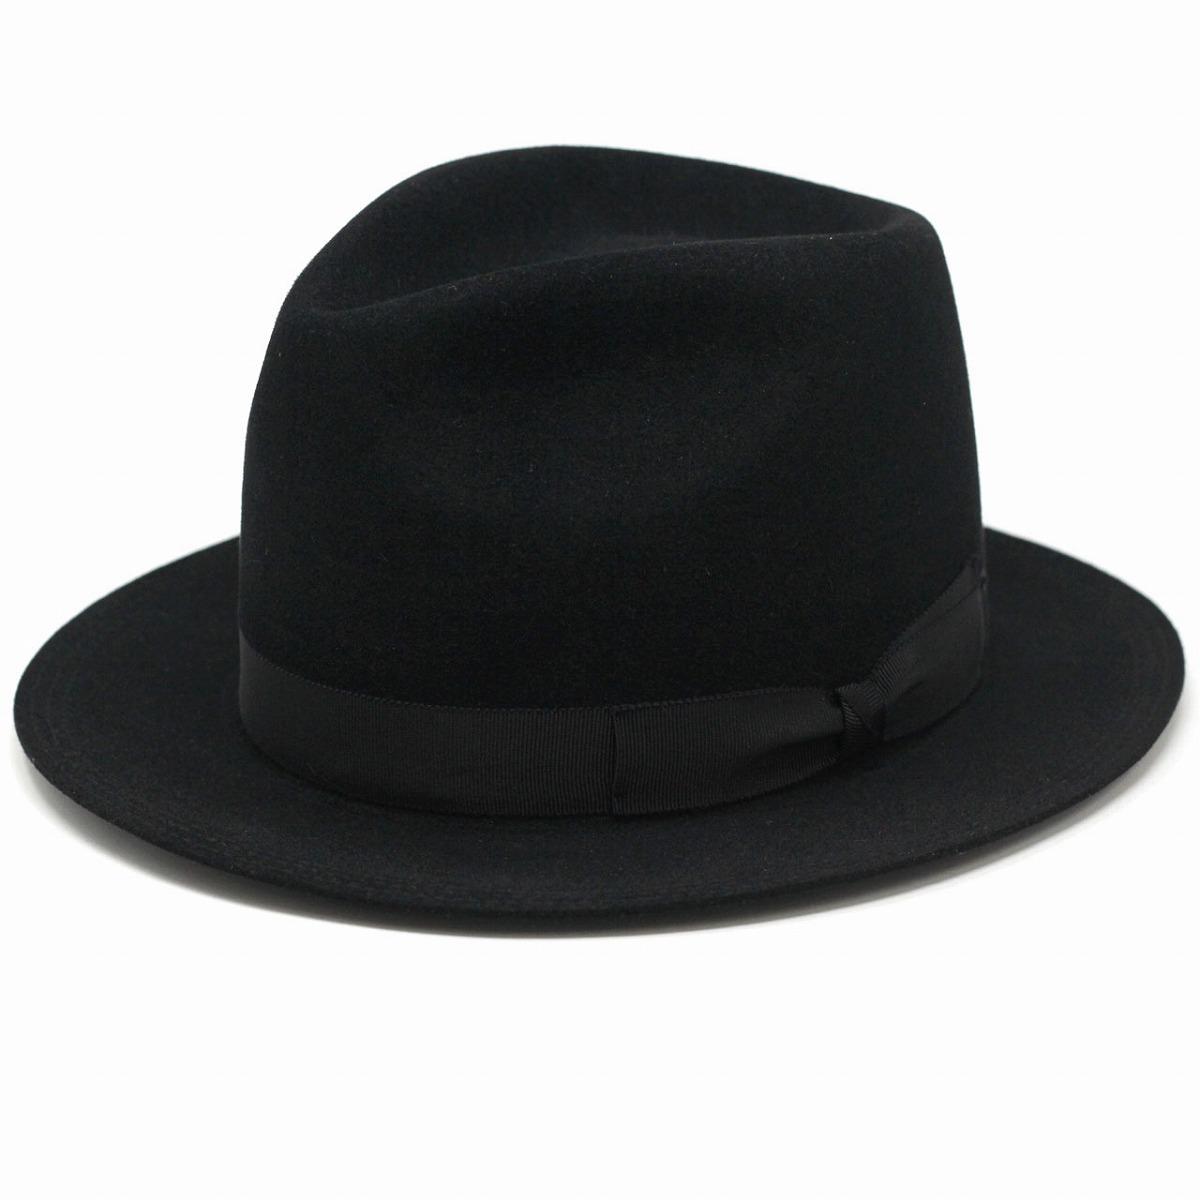 中折れ帽 ショートベロア racal 高品質 フェルトハット メンズ 高級 ラビット ファー ウール ラカル ハット 帽子 メンズ ベロア 切りっぱなし ハット 秋 冬 グログランリボン 黒 ブラック[ fedora ][ felt hat ]